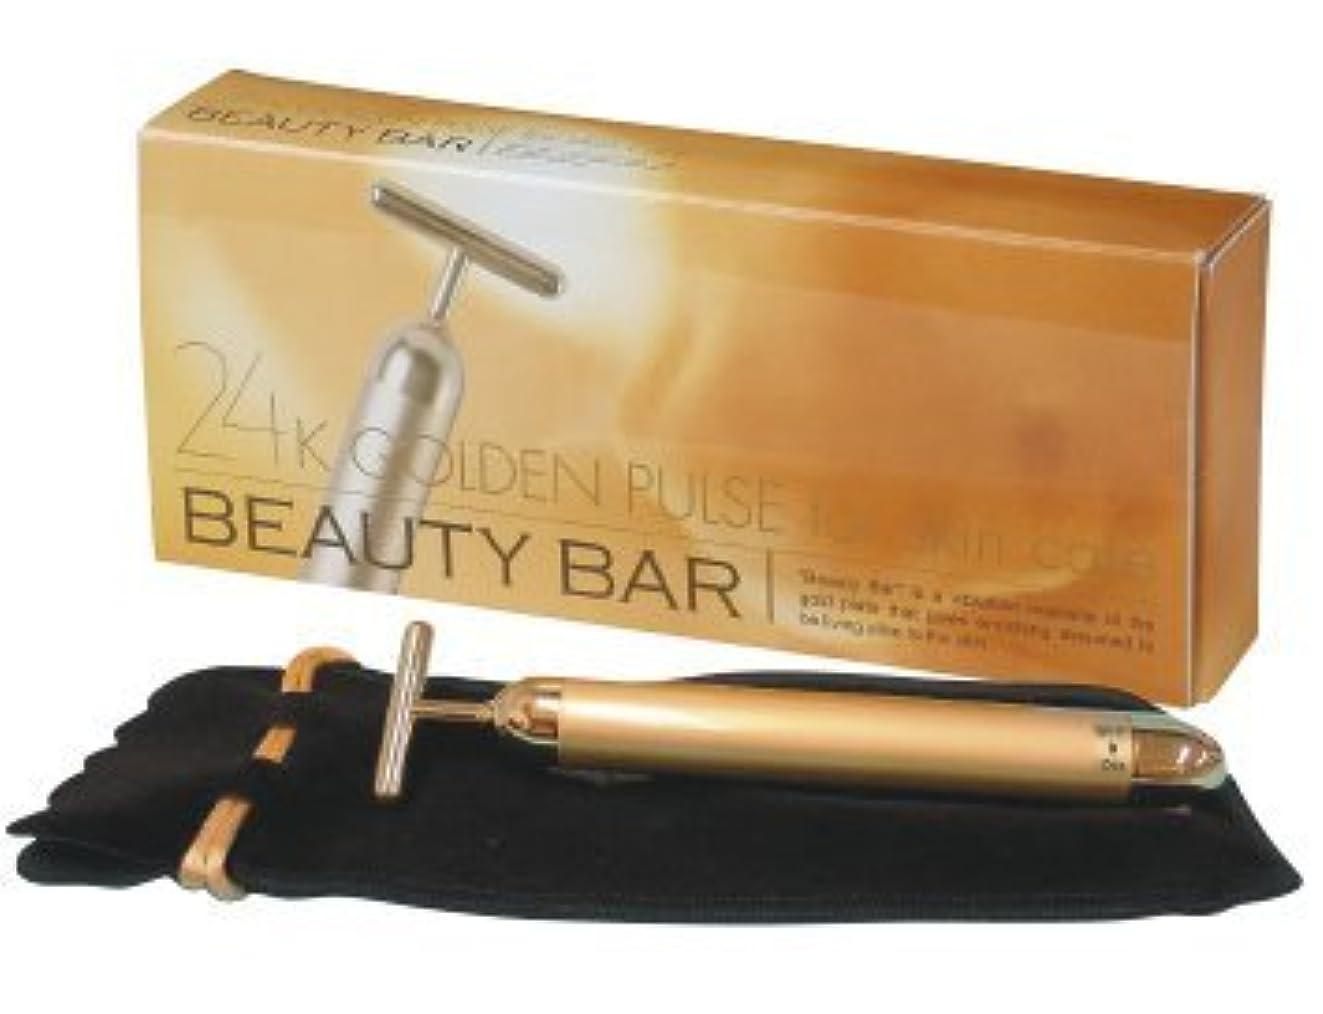 サミット制限する学生エムシービケン ビューティーバー Beauty Bar 24K 電動美顔器日本製 シリアルナンバー付 正規品 1個+ エムシー ビューティーマッサージゲル1個